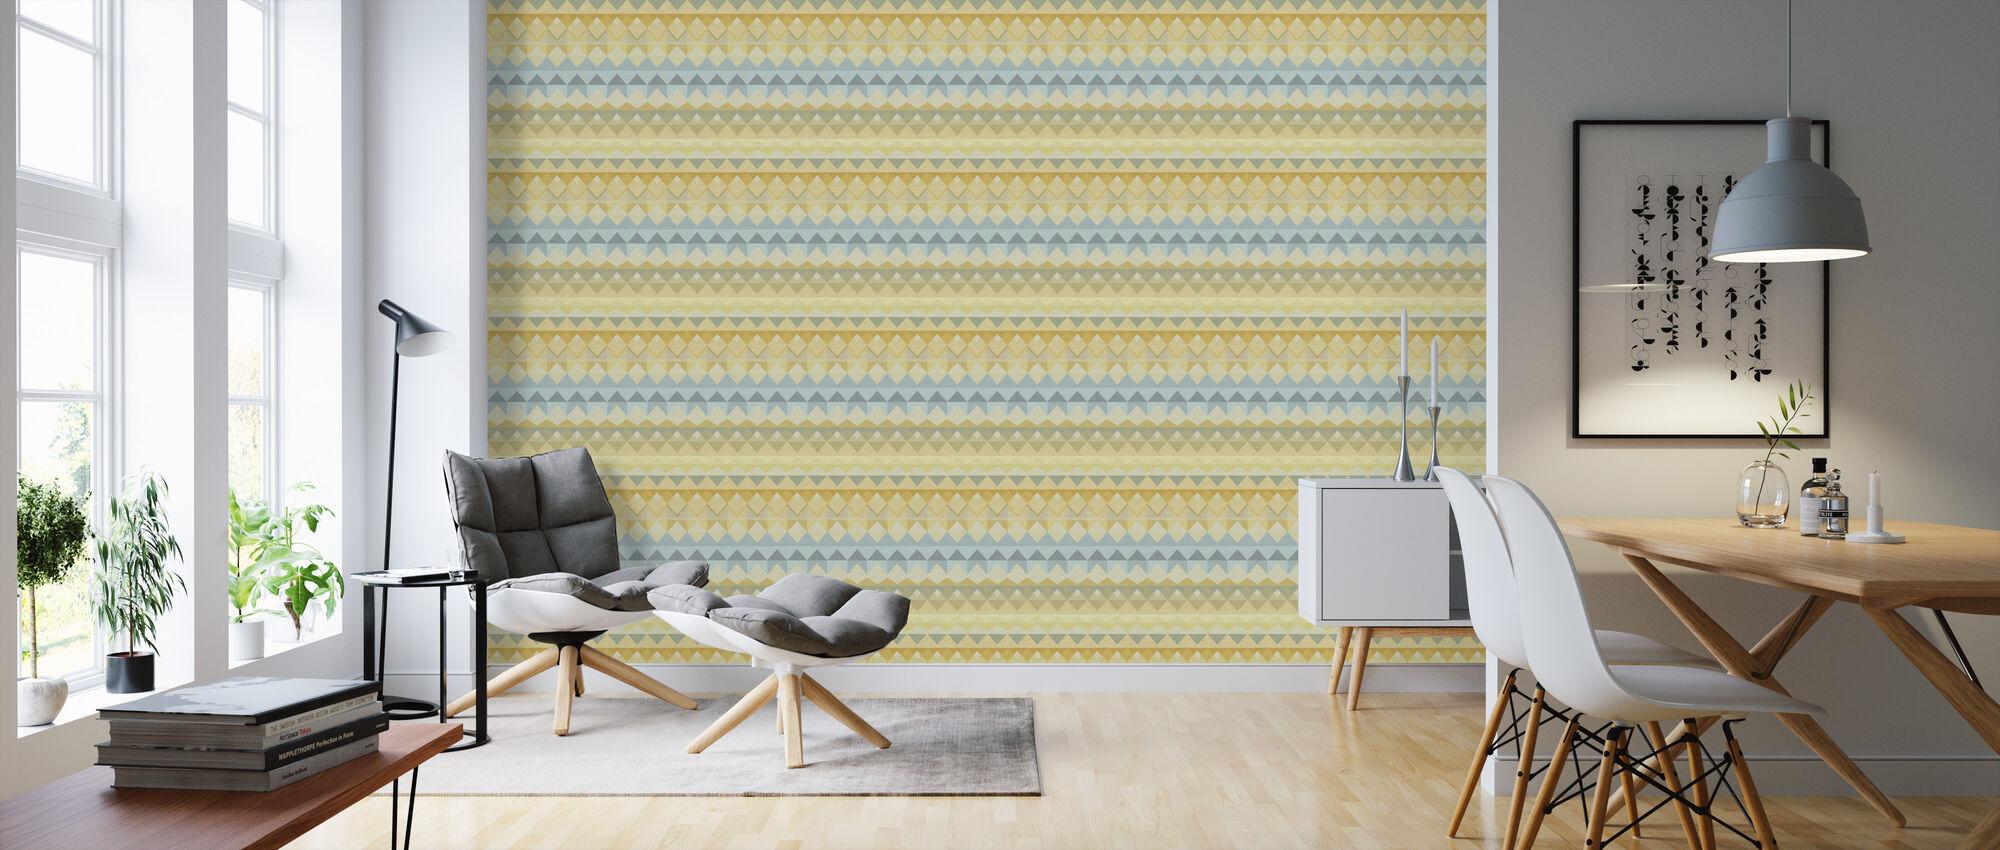 Weave Licht - Tapete - Wohnzimmer